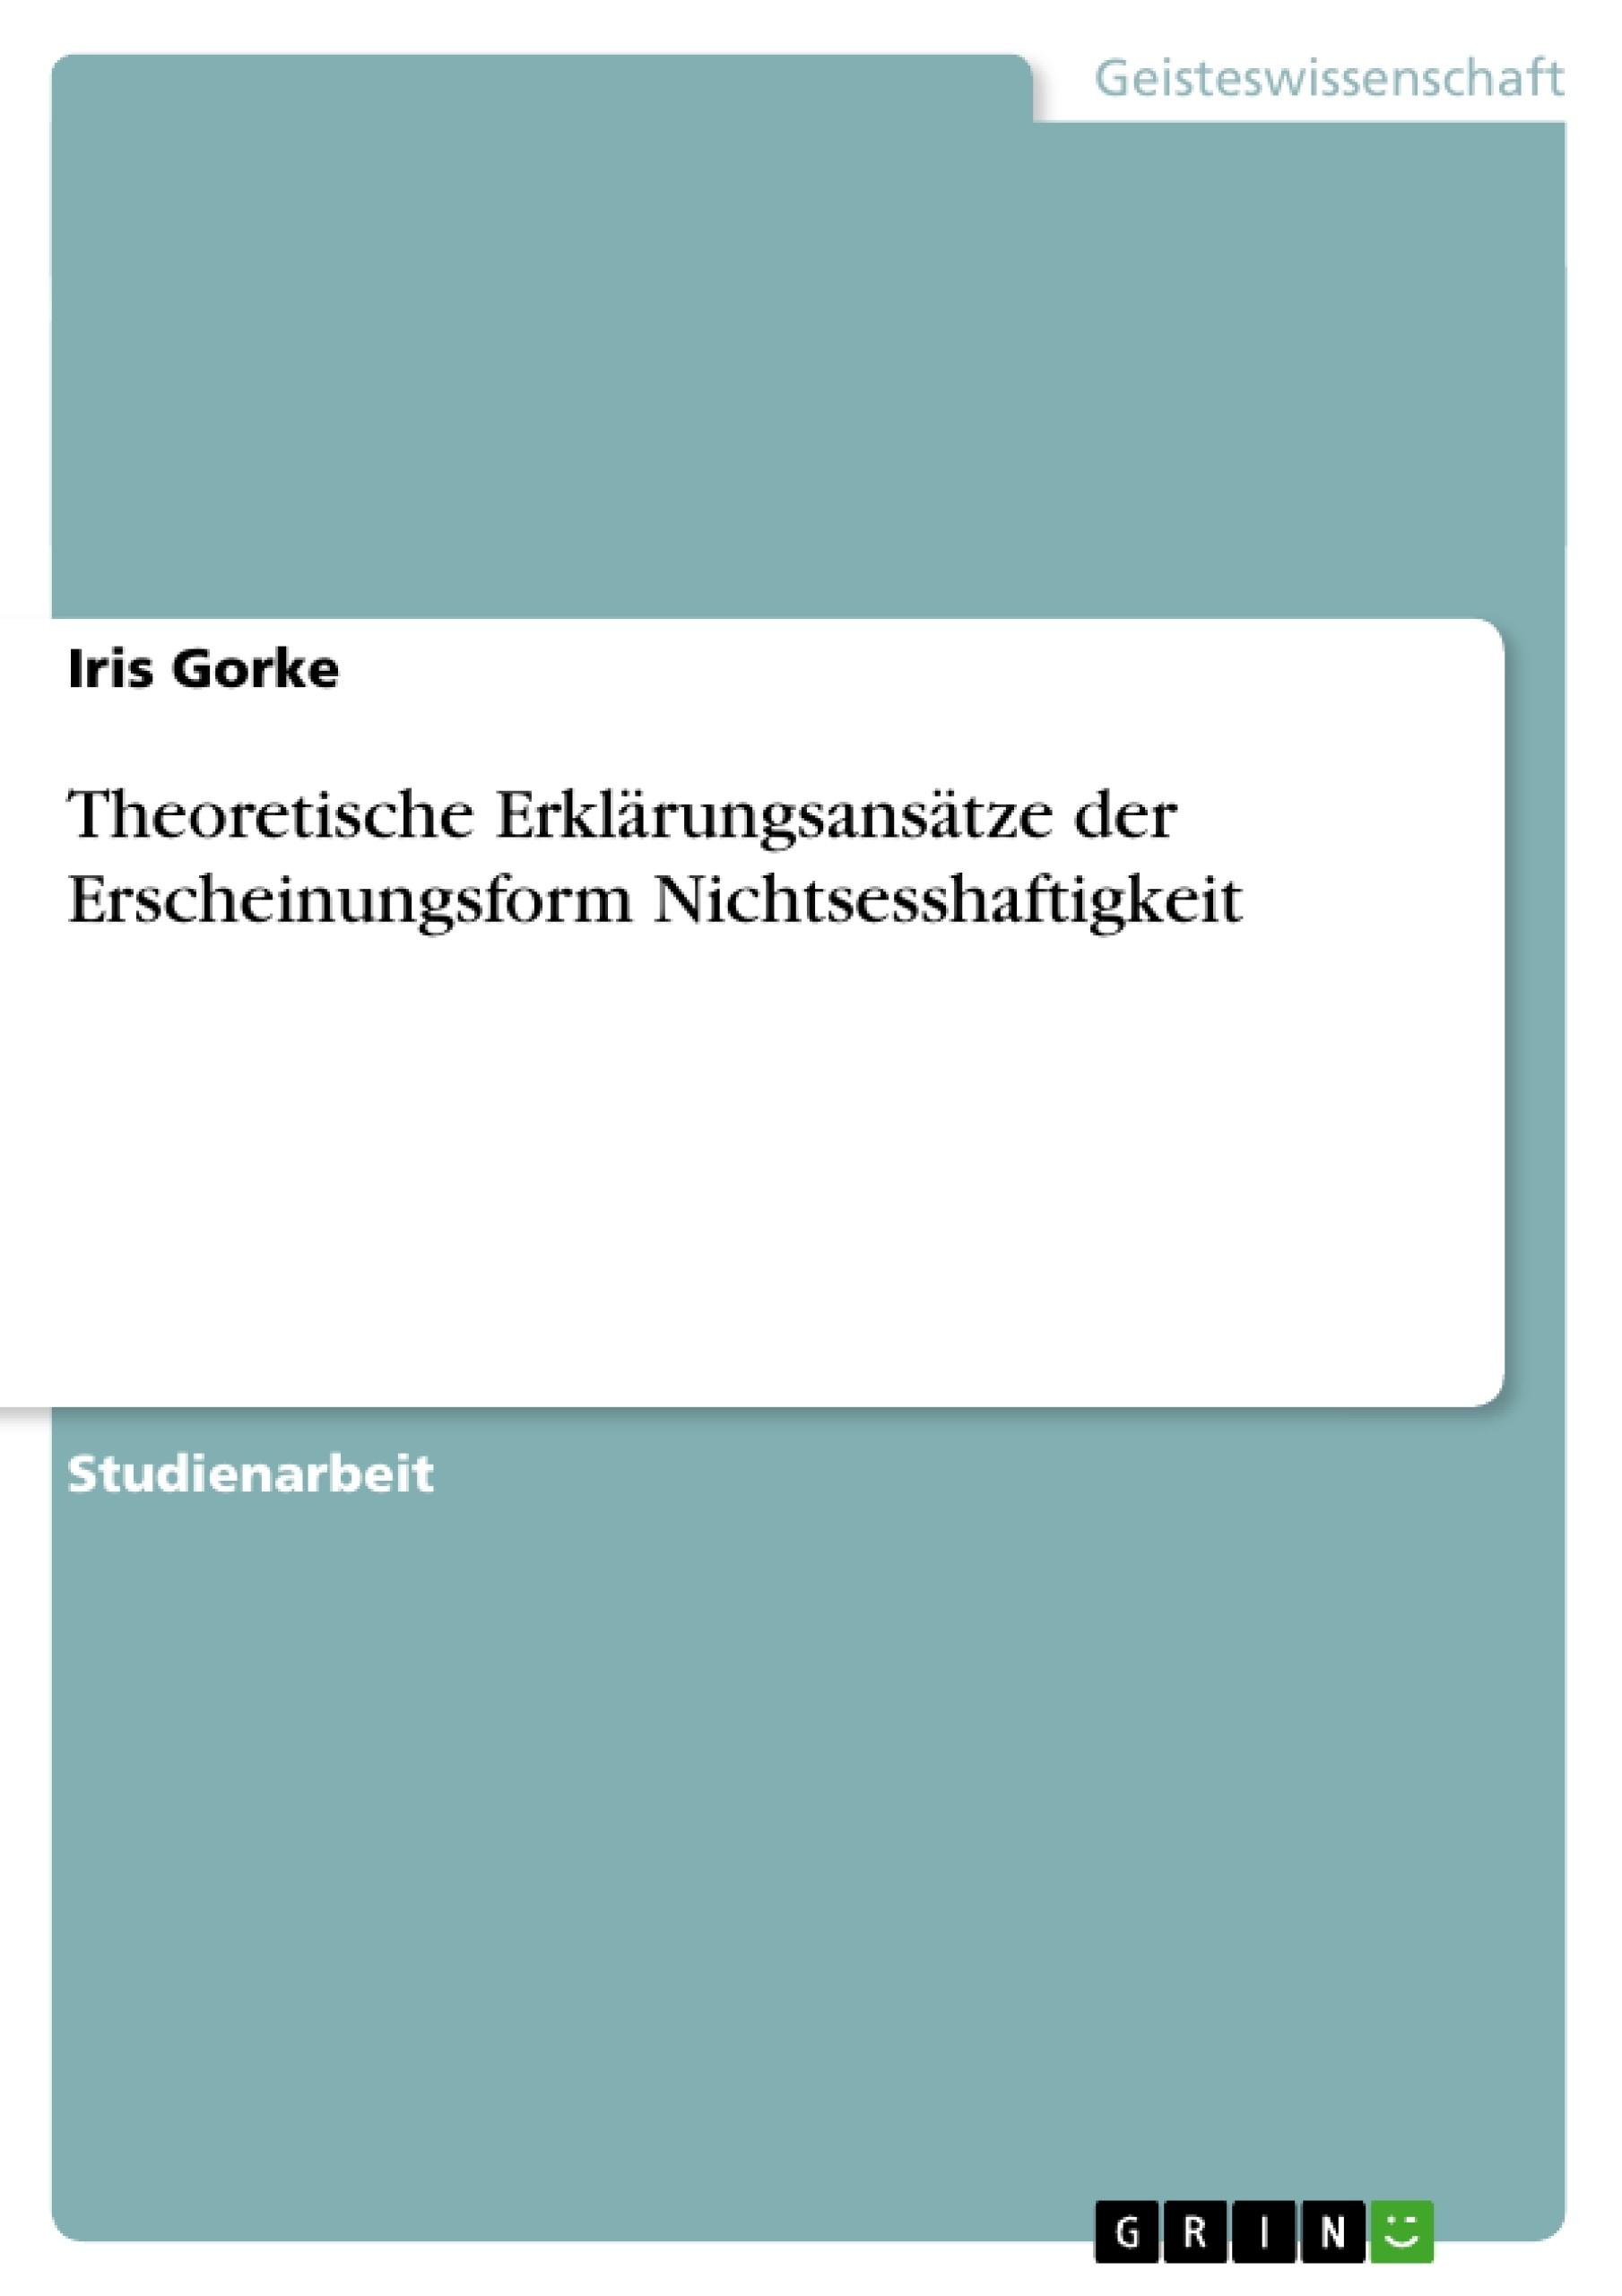 Titel: Theoretische Erklärungsansätze der Erscheinungsform Nichtsesshaftigkeit